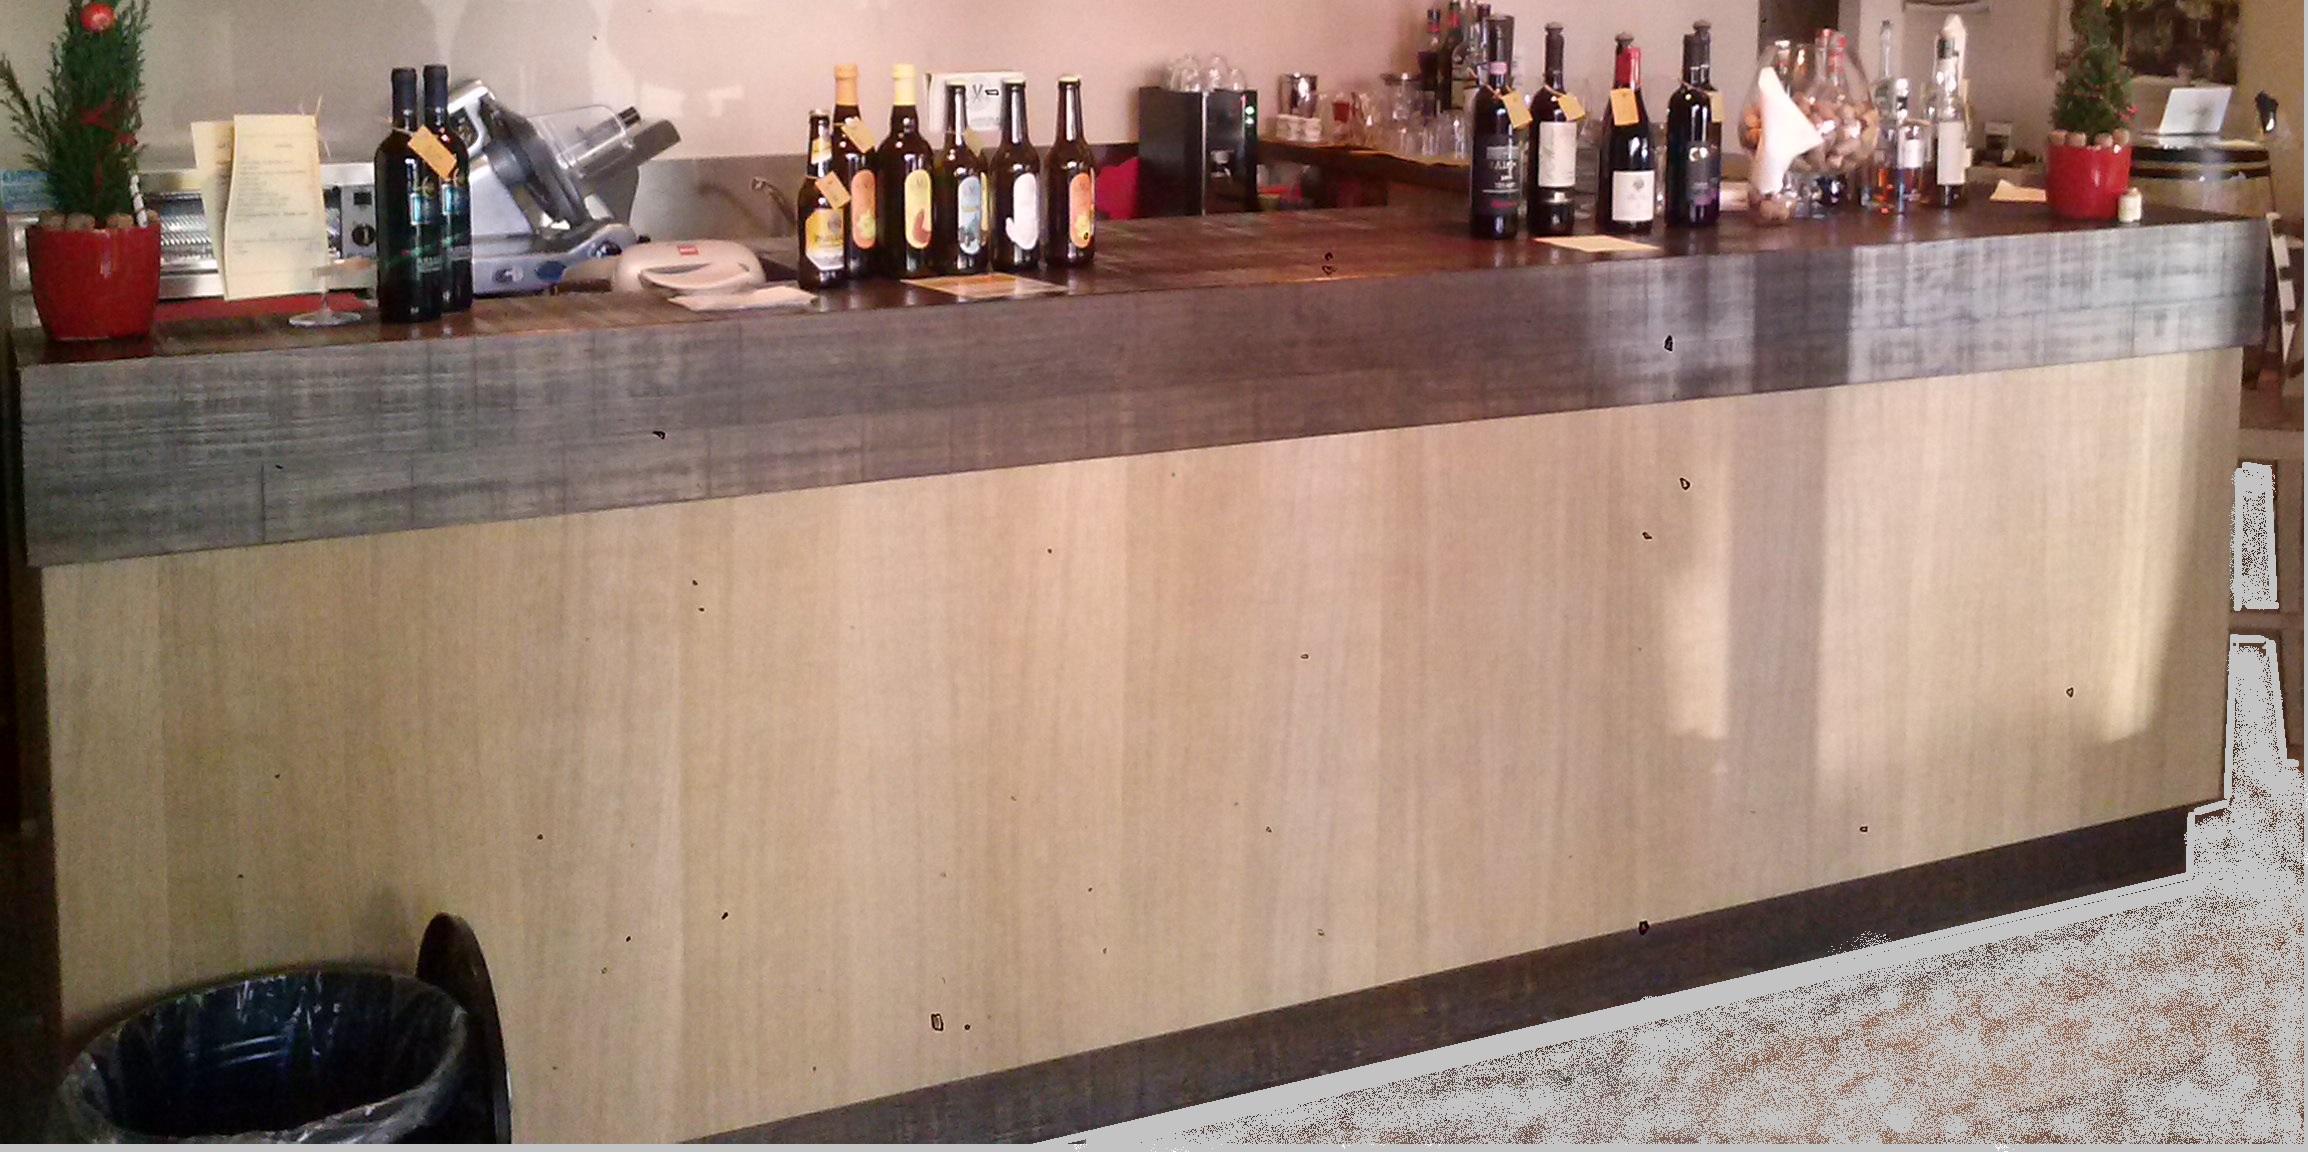 Vendesi bancone bar usato con pedana e cella frigo for Ristrutturare bancone bar